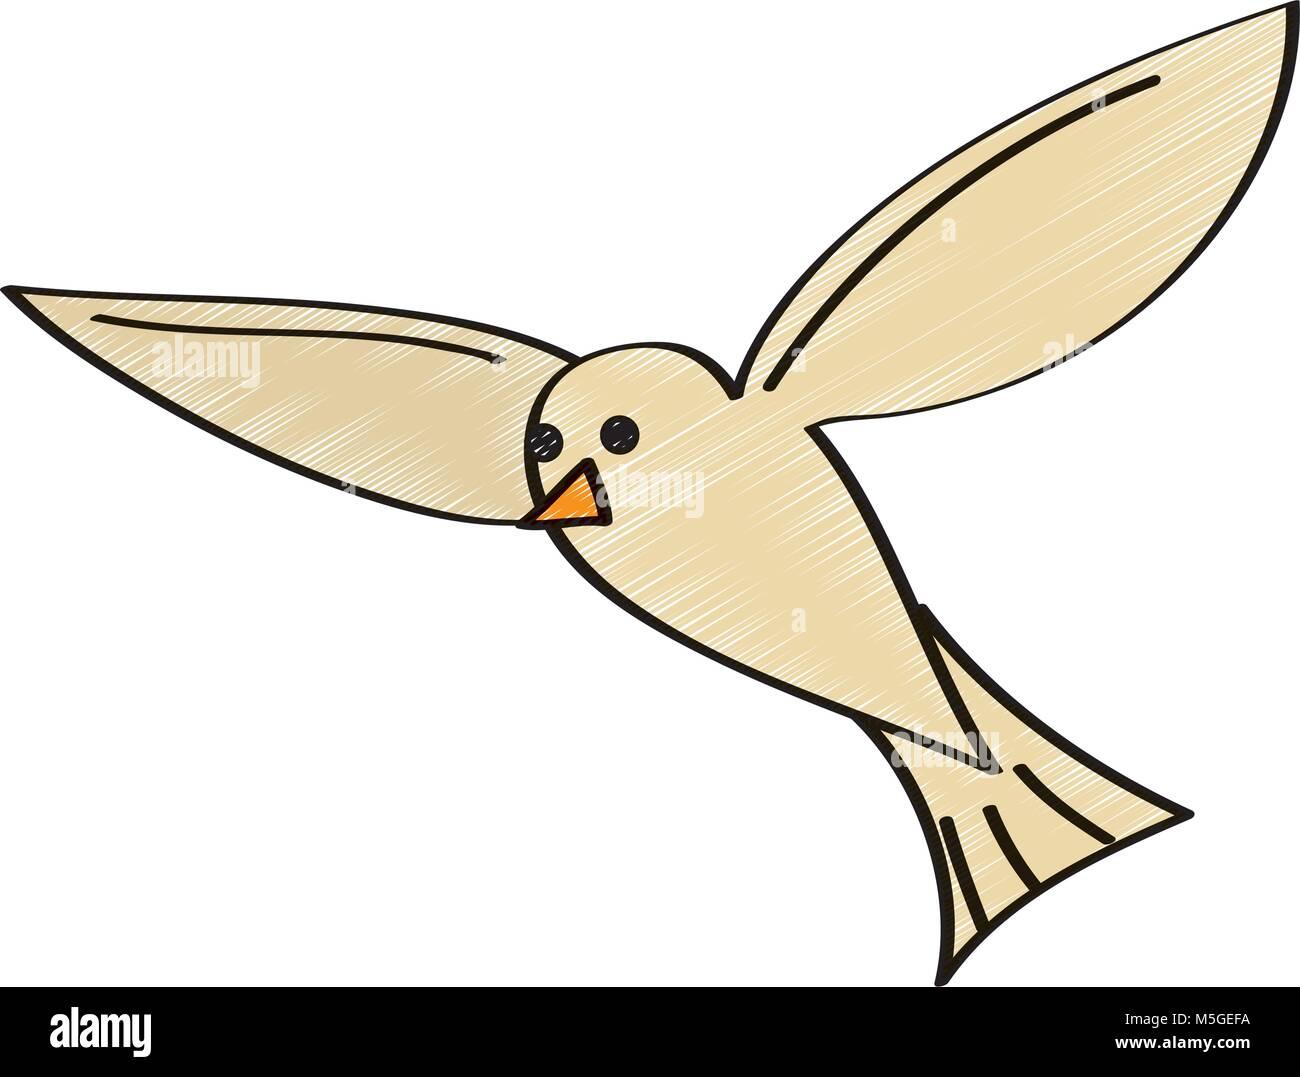 Flying Bird Shadow Stock Photos & Flying Bird Shadow Stock Images ...